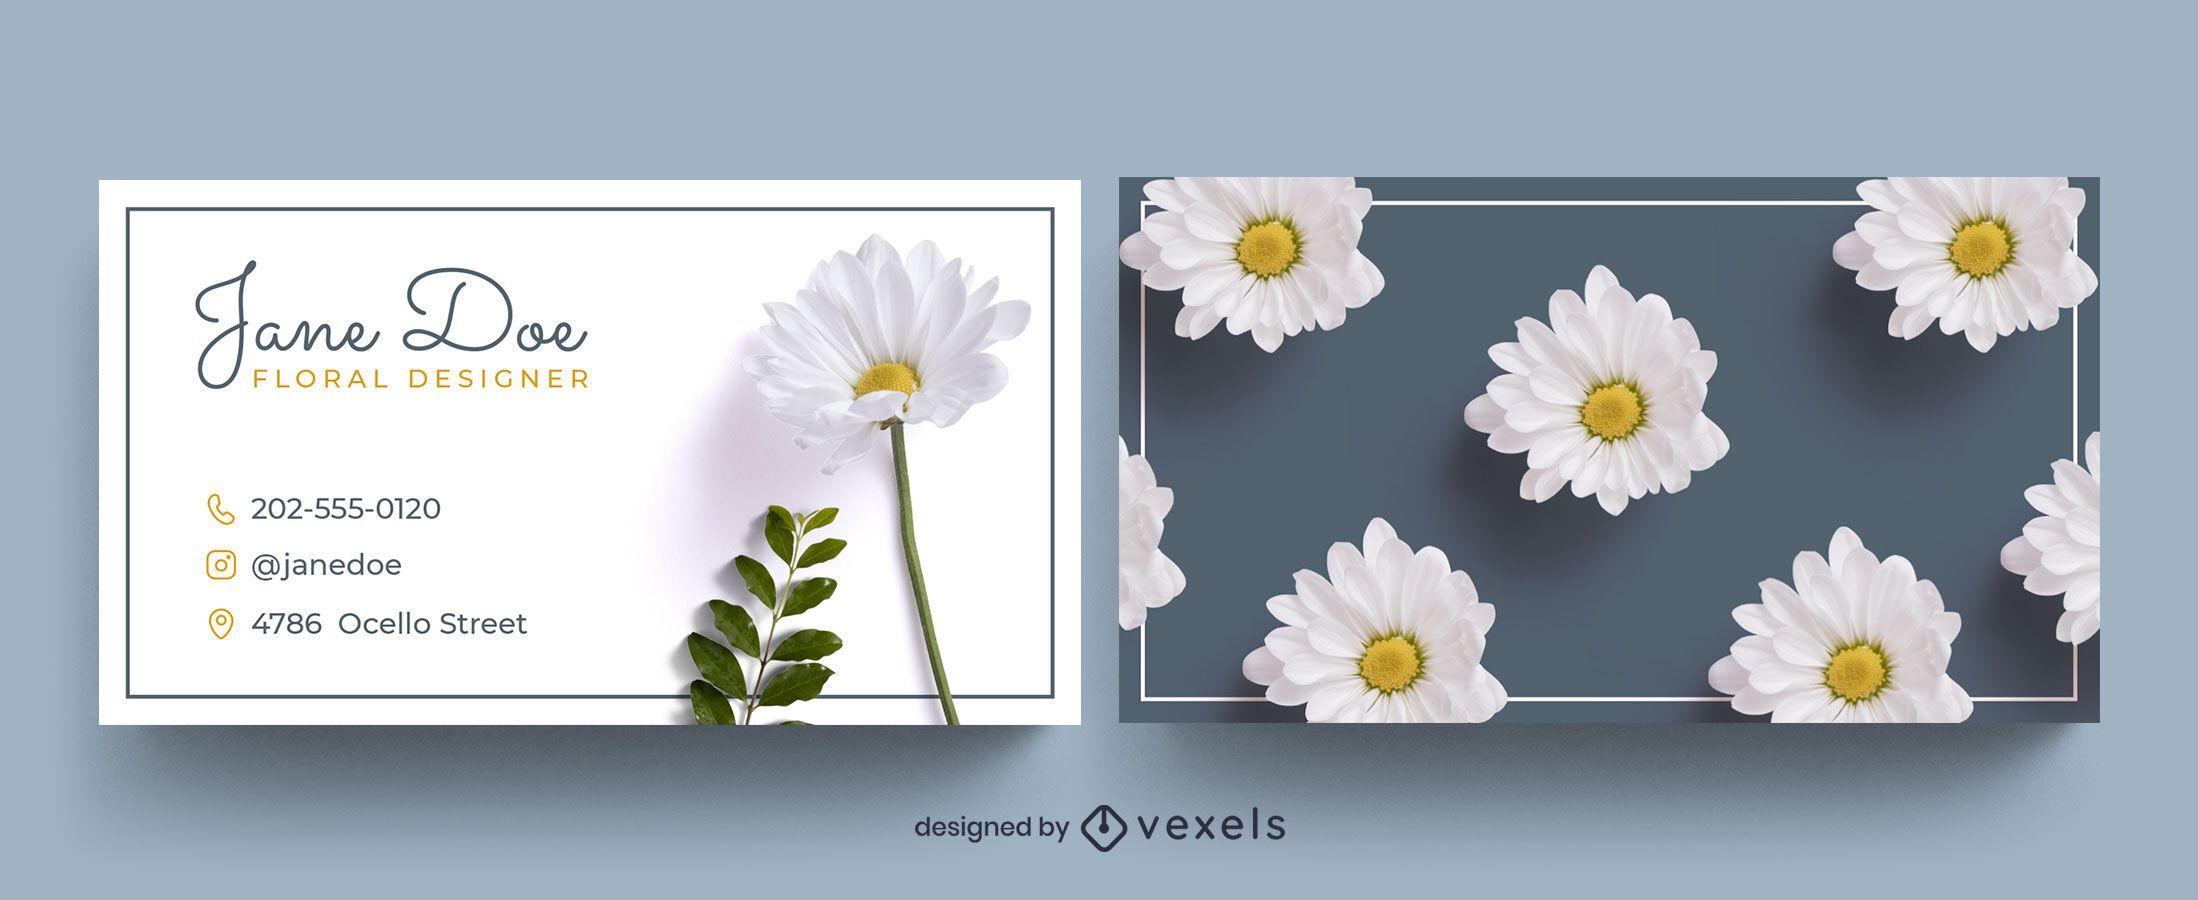 Visitenkartenvorlage fotografisches Blumenmuster